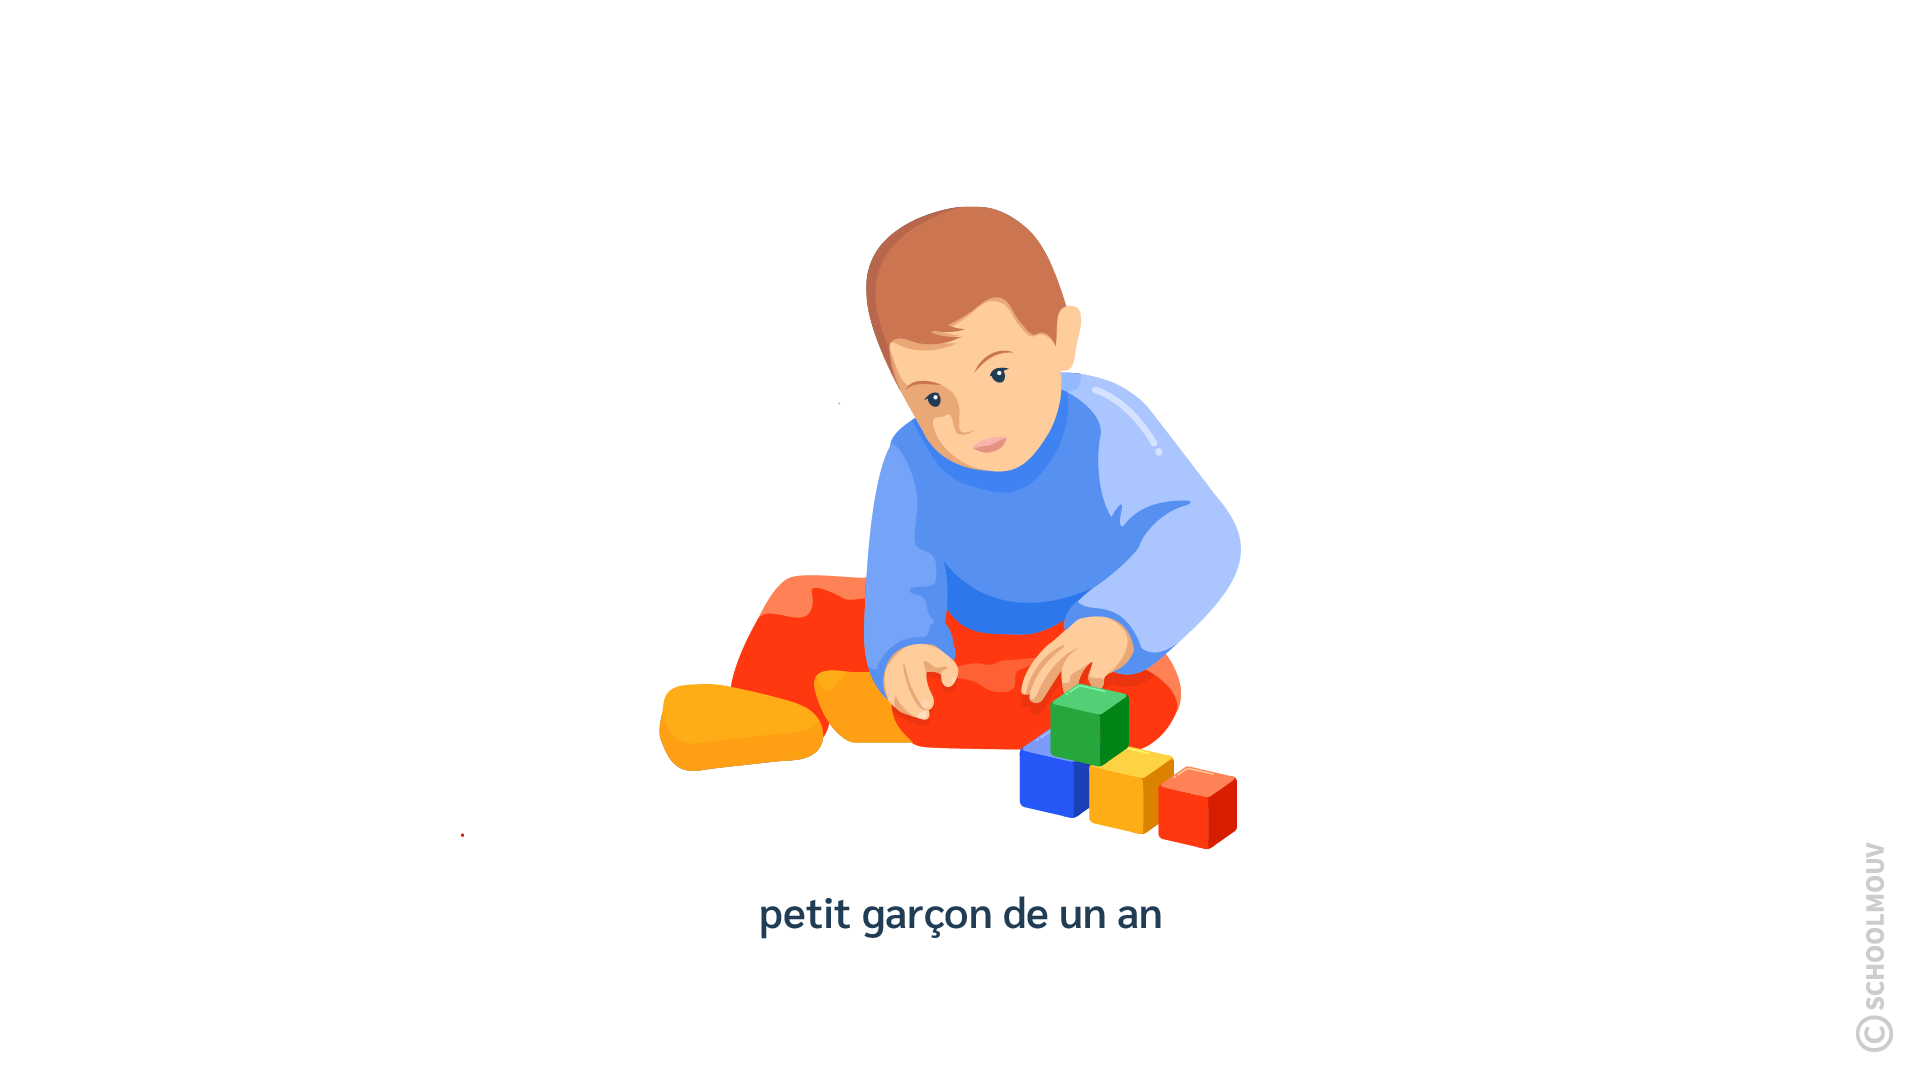 Enfant - Garçon - Jeux - SchoolMouv - Sciences - CE1